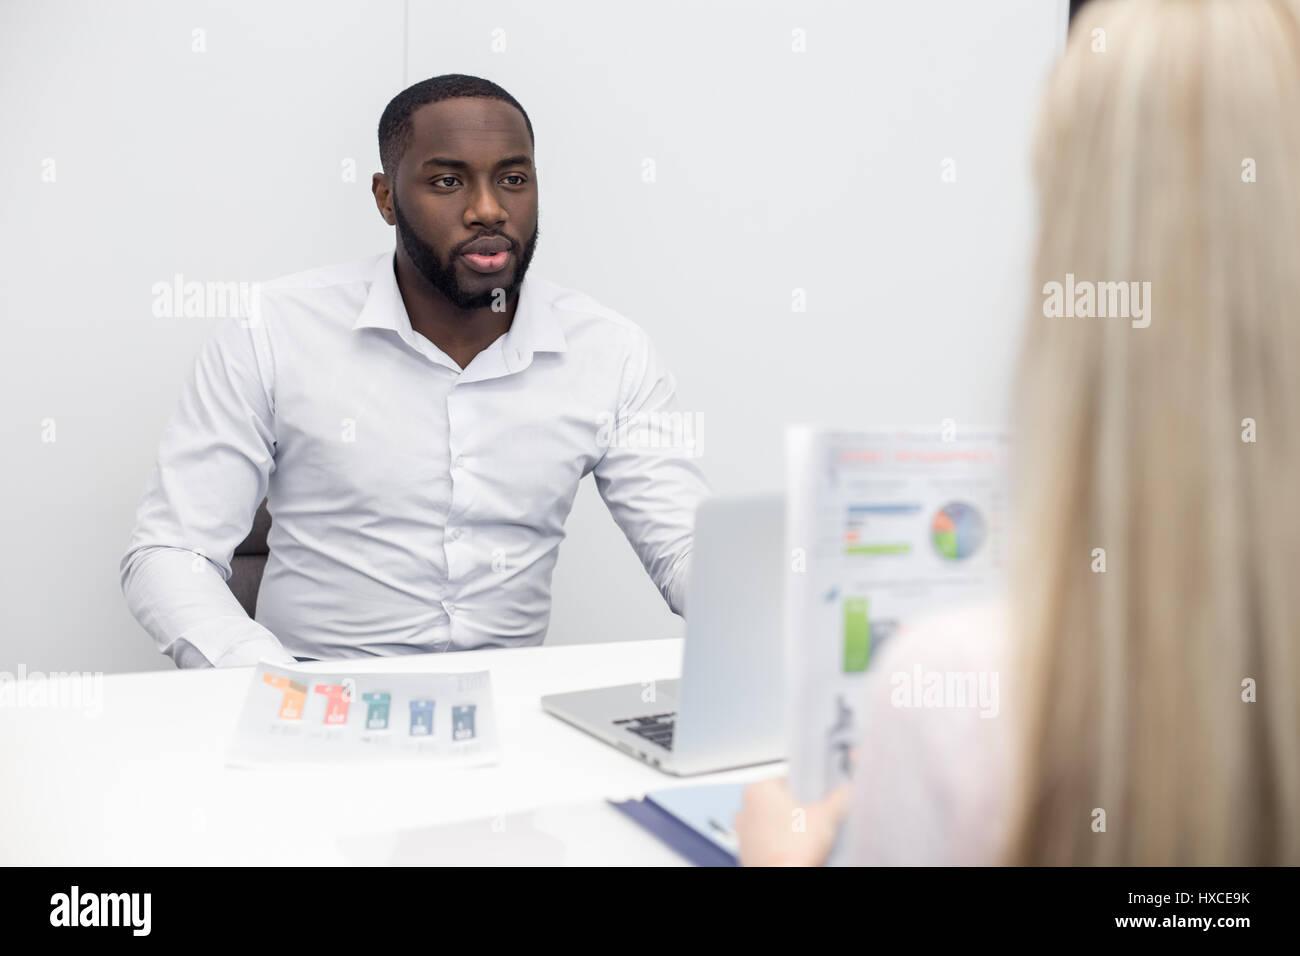 Menschen Interview Job Anwendung Konzept Stockbild